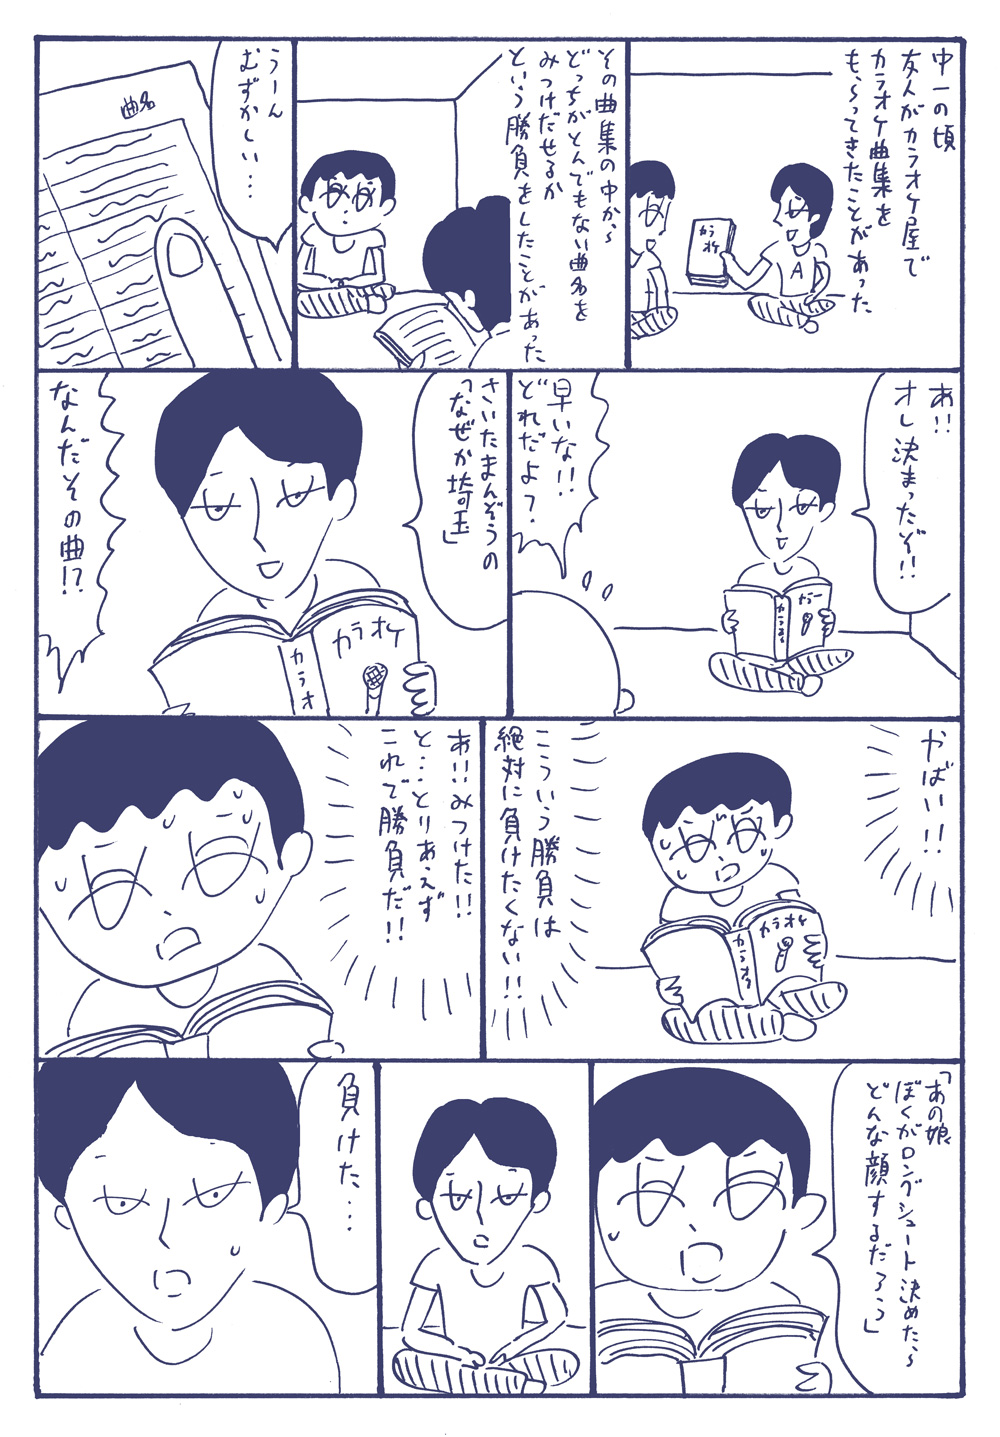 oohashi-004